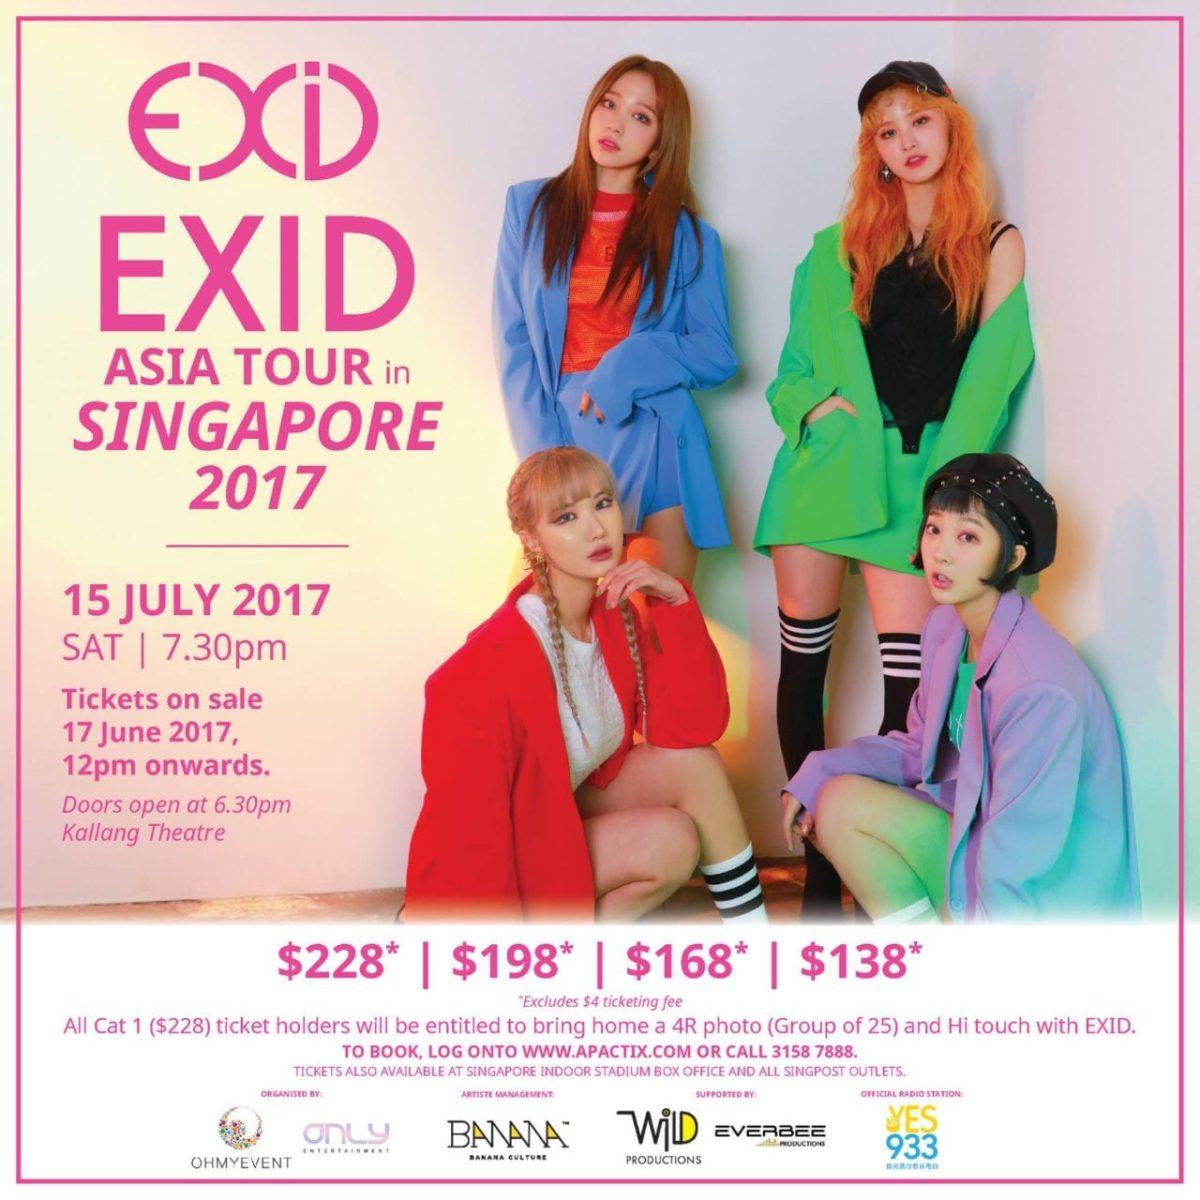 [EVENT] EXID Asia Tour in Singapore 2017!